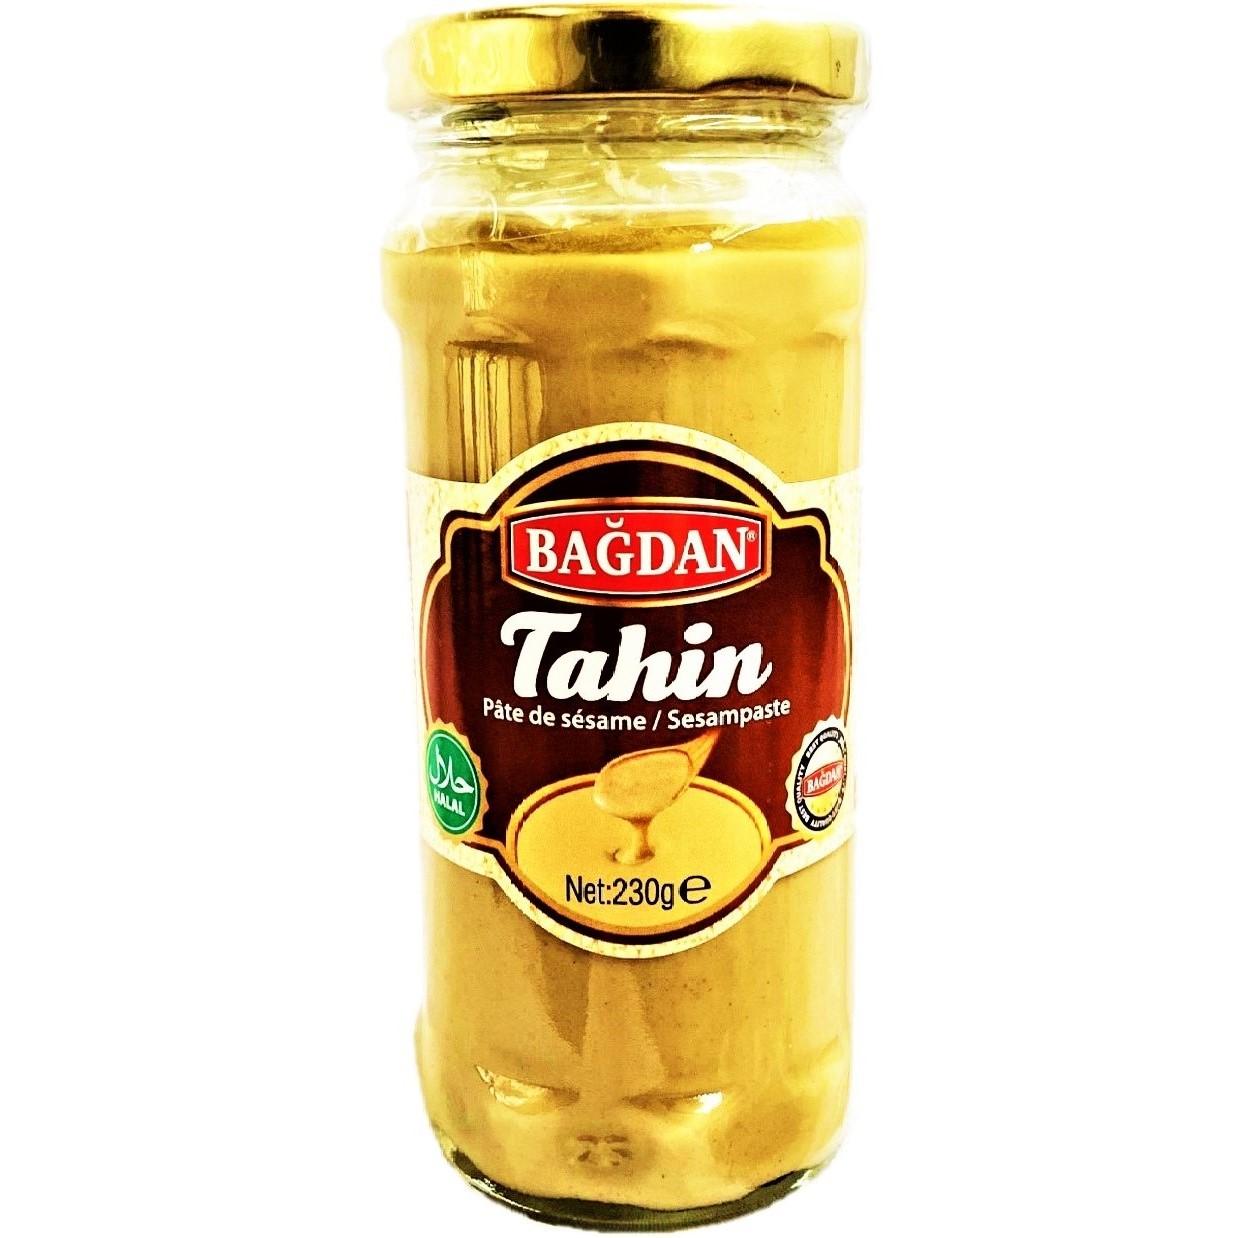 BAGDAN TAHIN CAM 230GR (tahini)